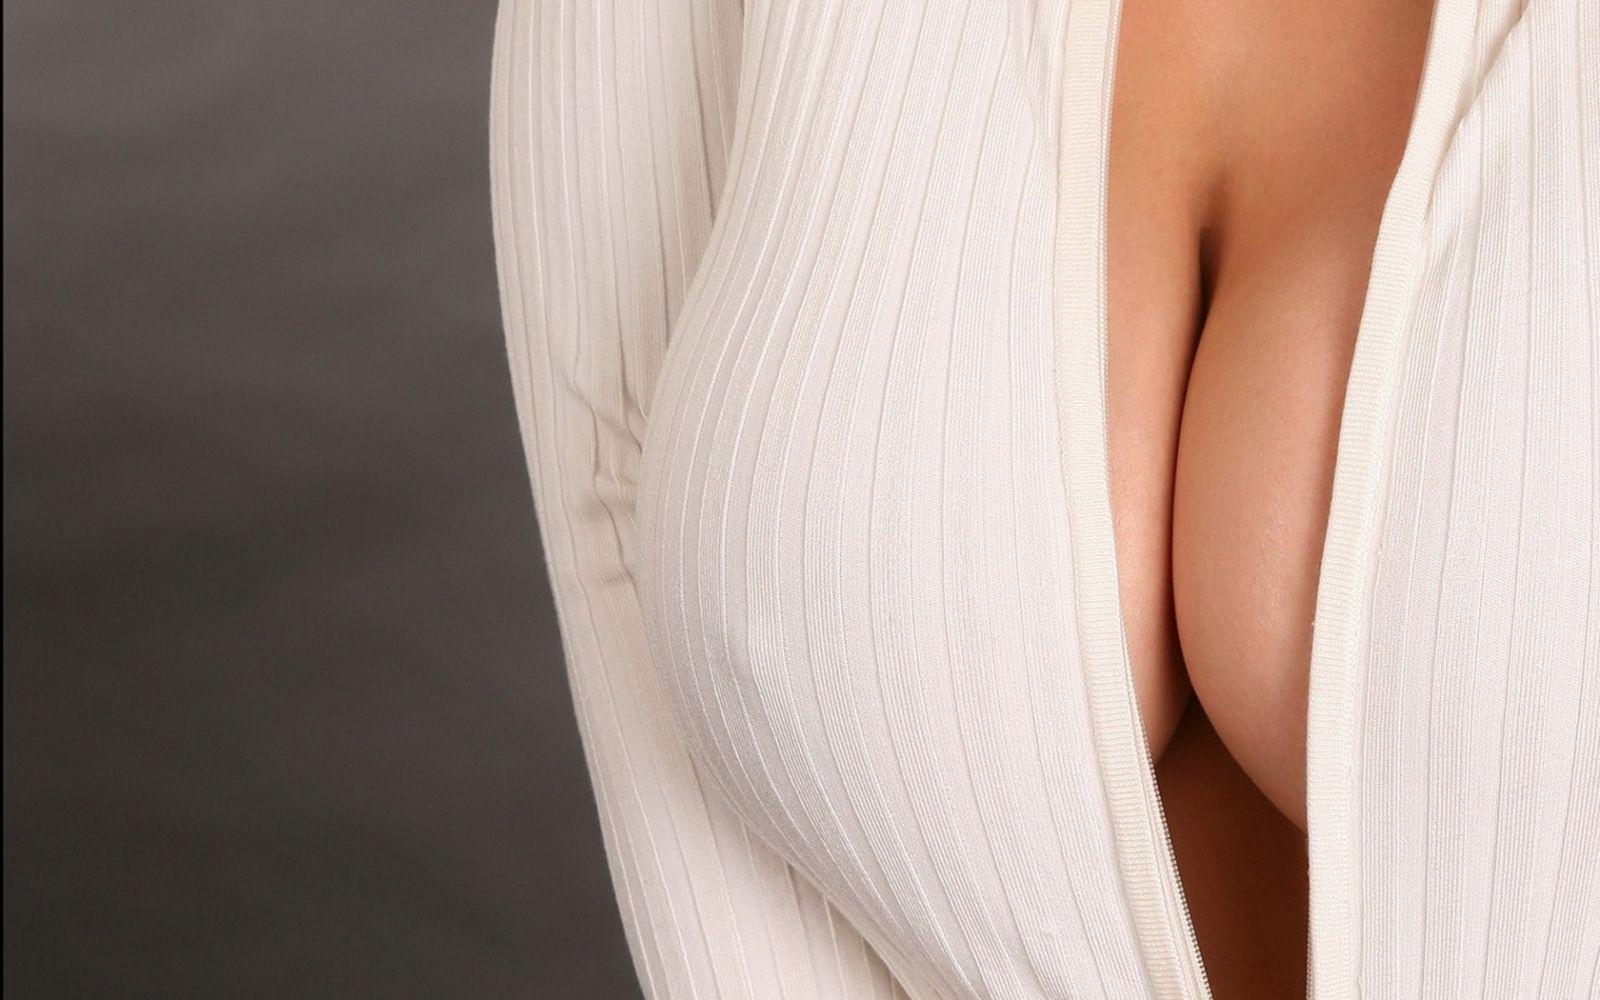 женской груди в душе